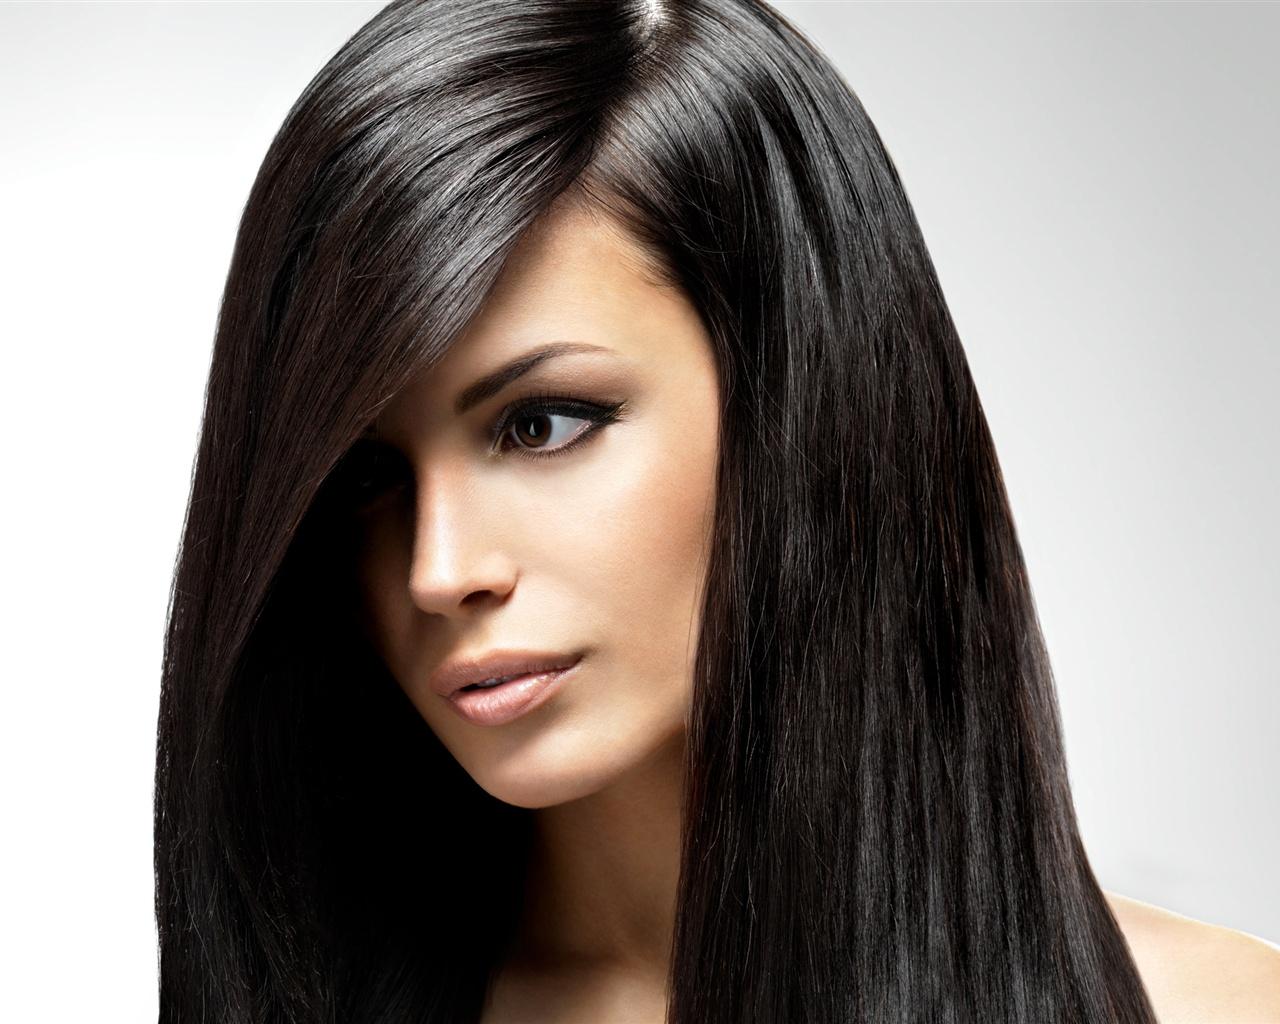 Wallpaper Long Black Hair Girl, Beautiful Face 2560X1600 -1764